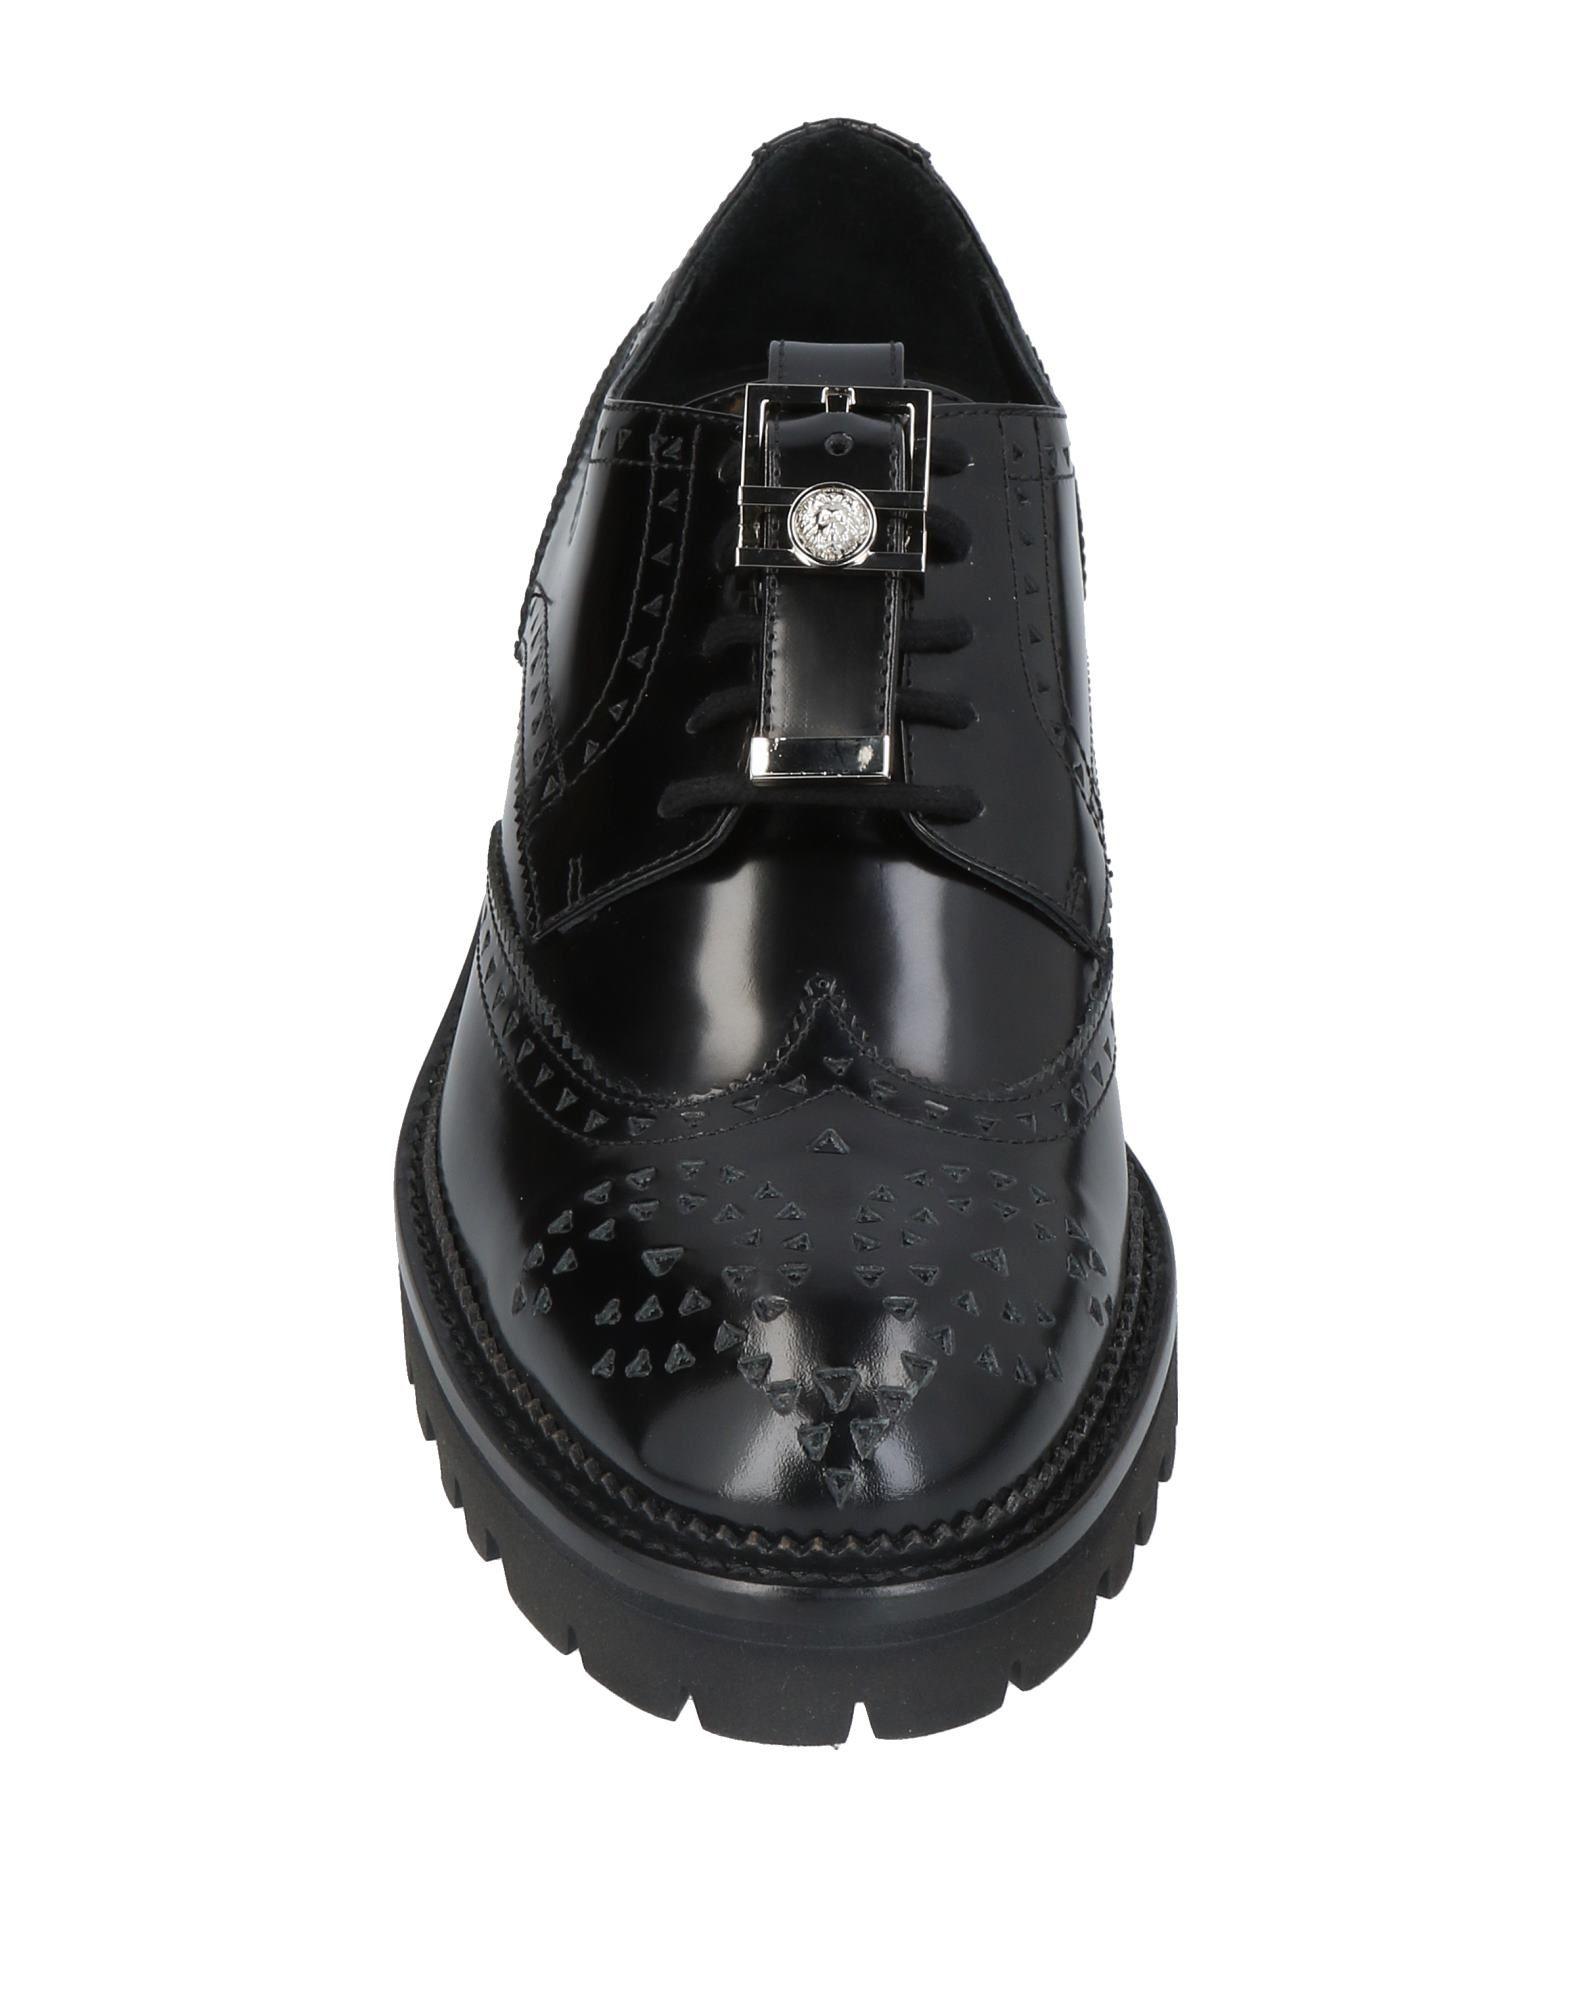 Versus Versace Schnürschuhe Herren  11421025TK Neue Schuhe